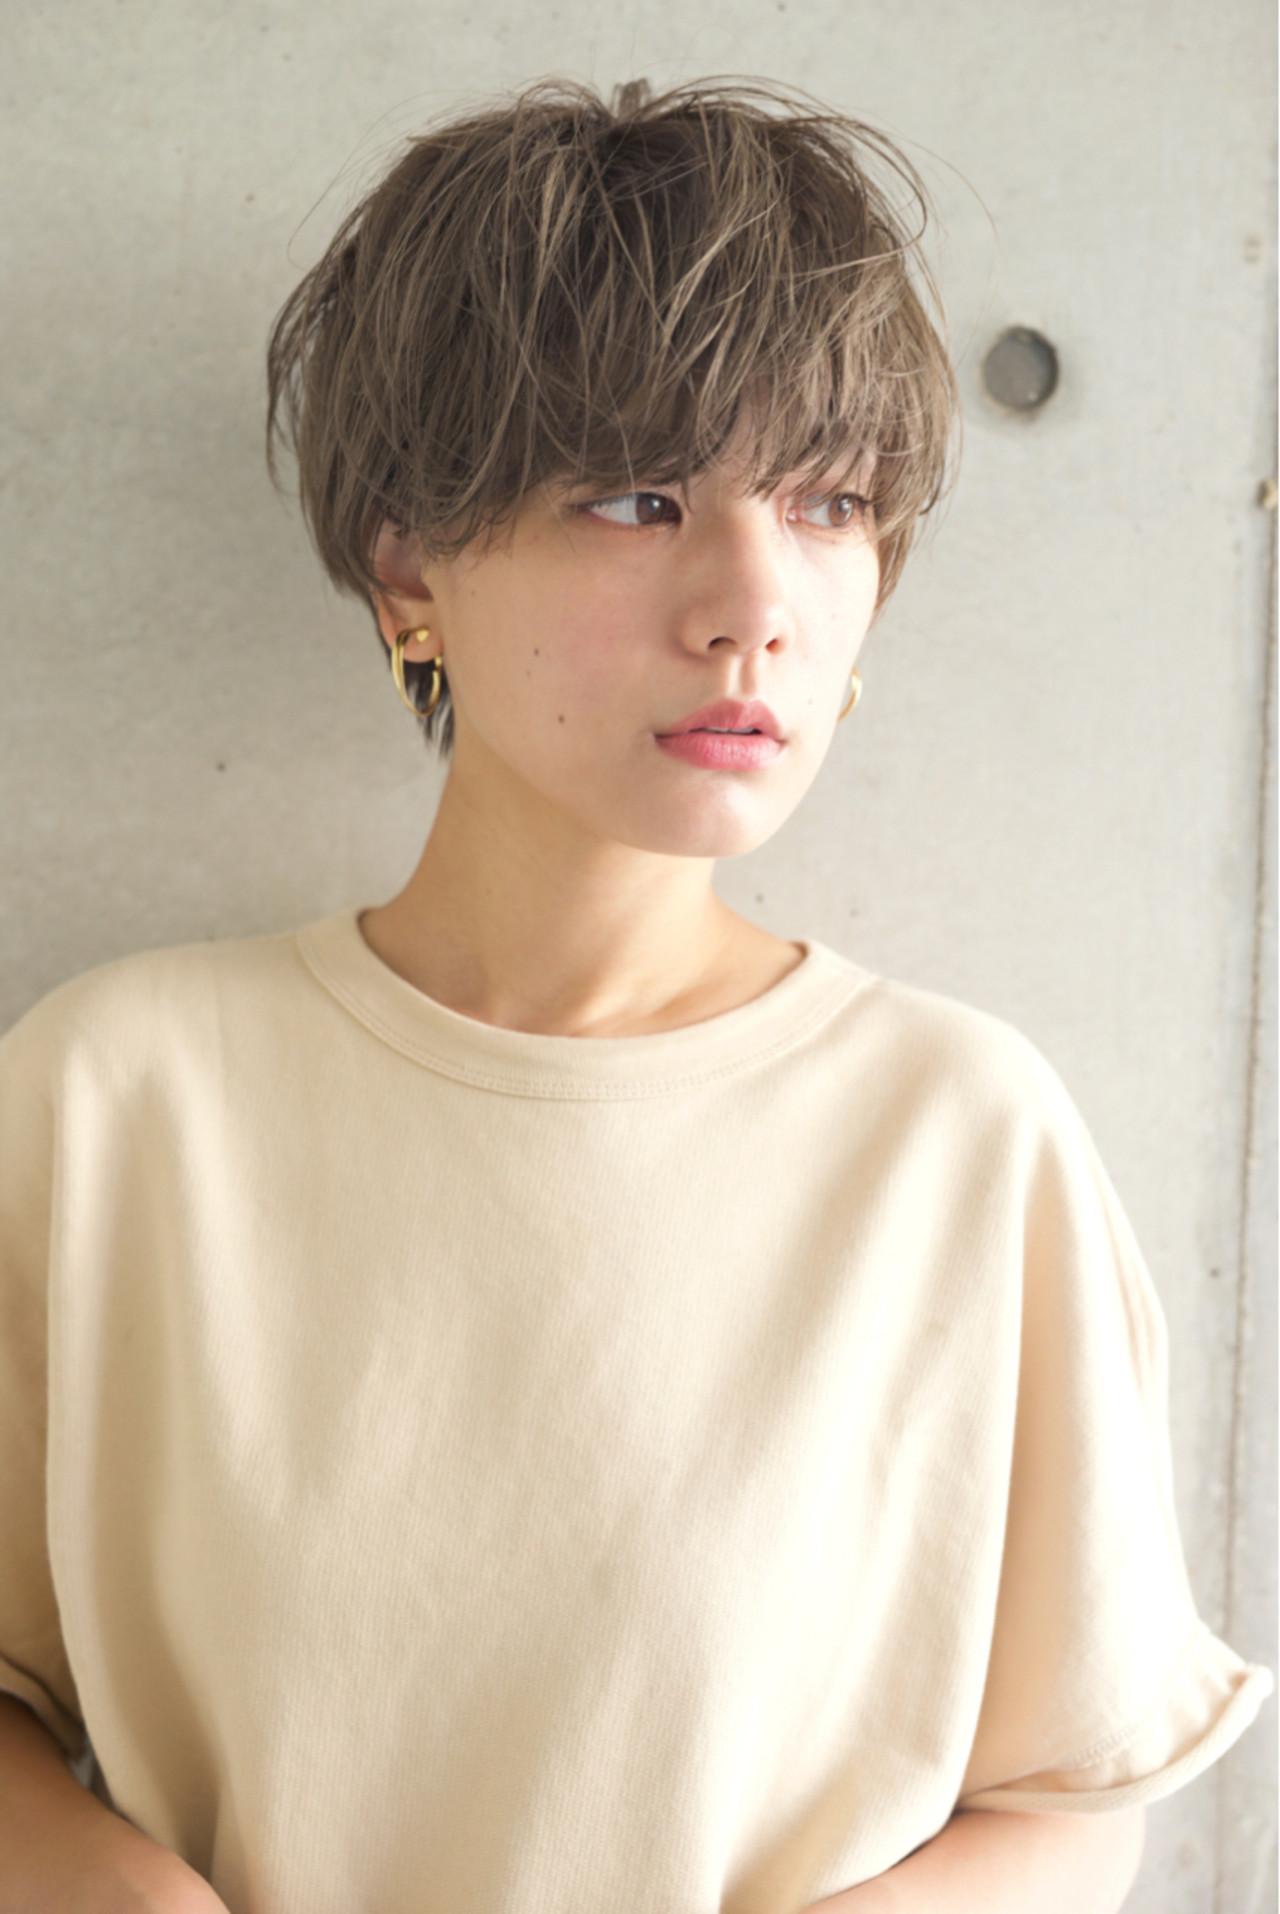 パーマ 女子力 透明感 フェミニン ヘアスタイルや髪型の写真・画像